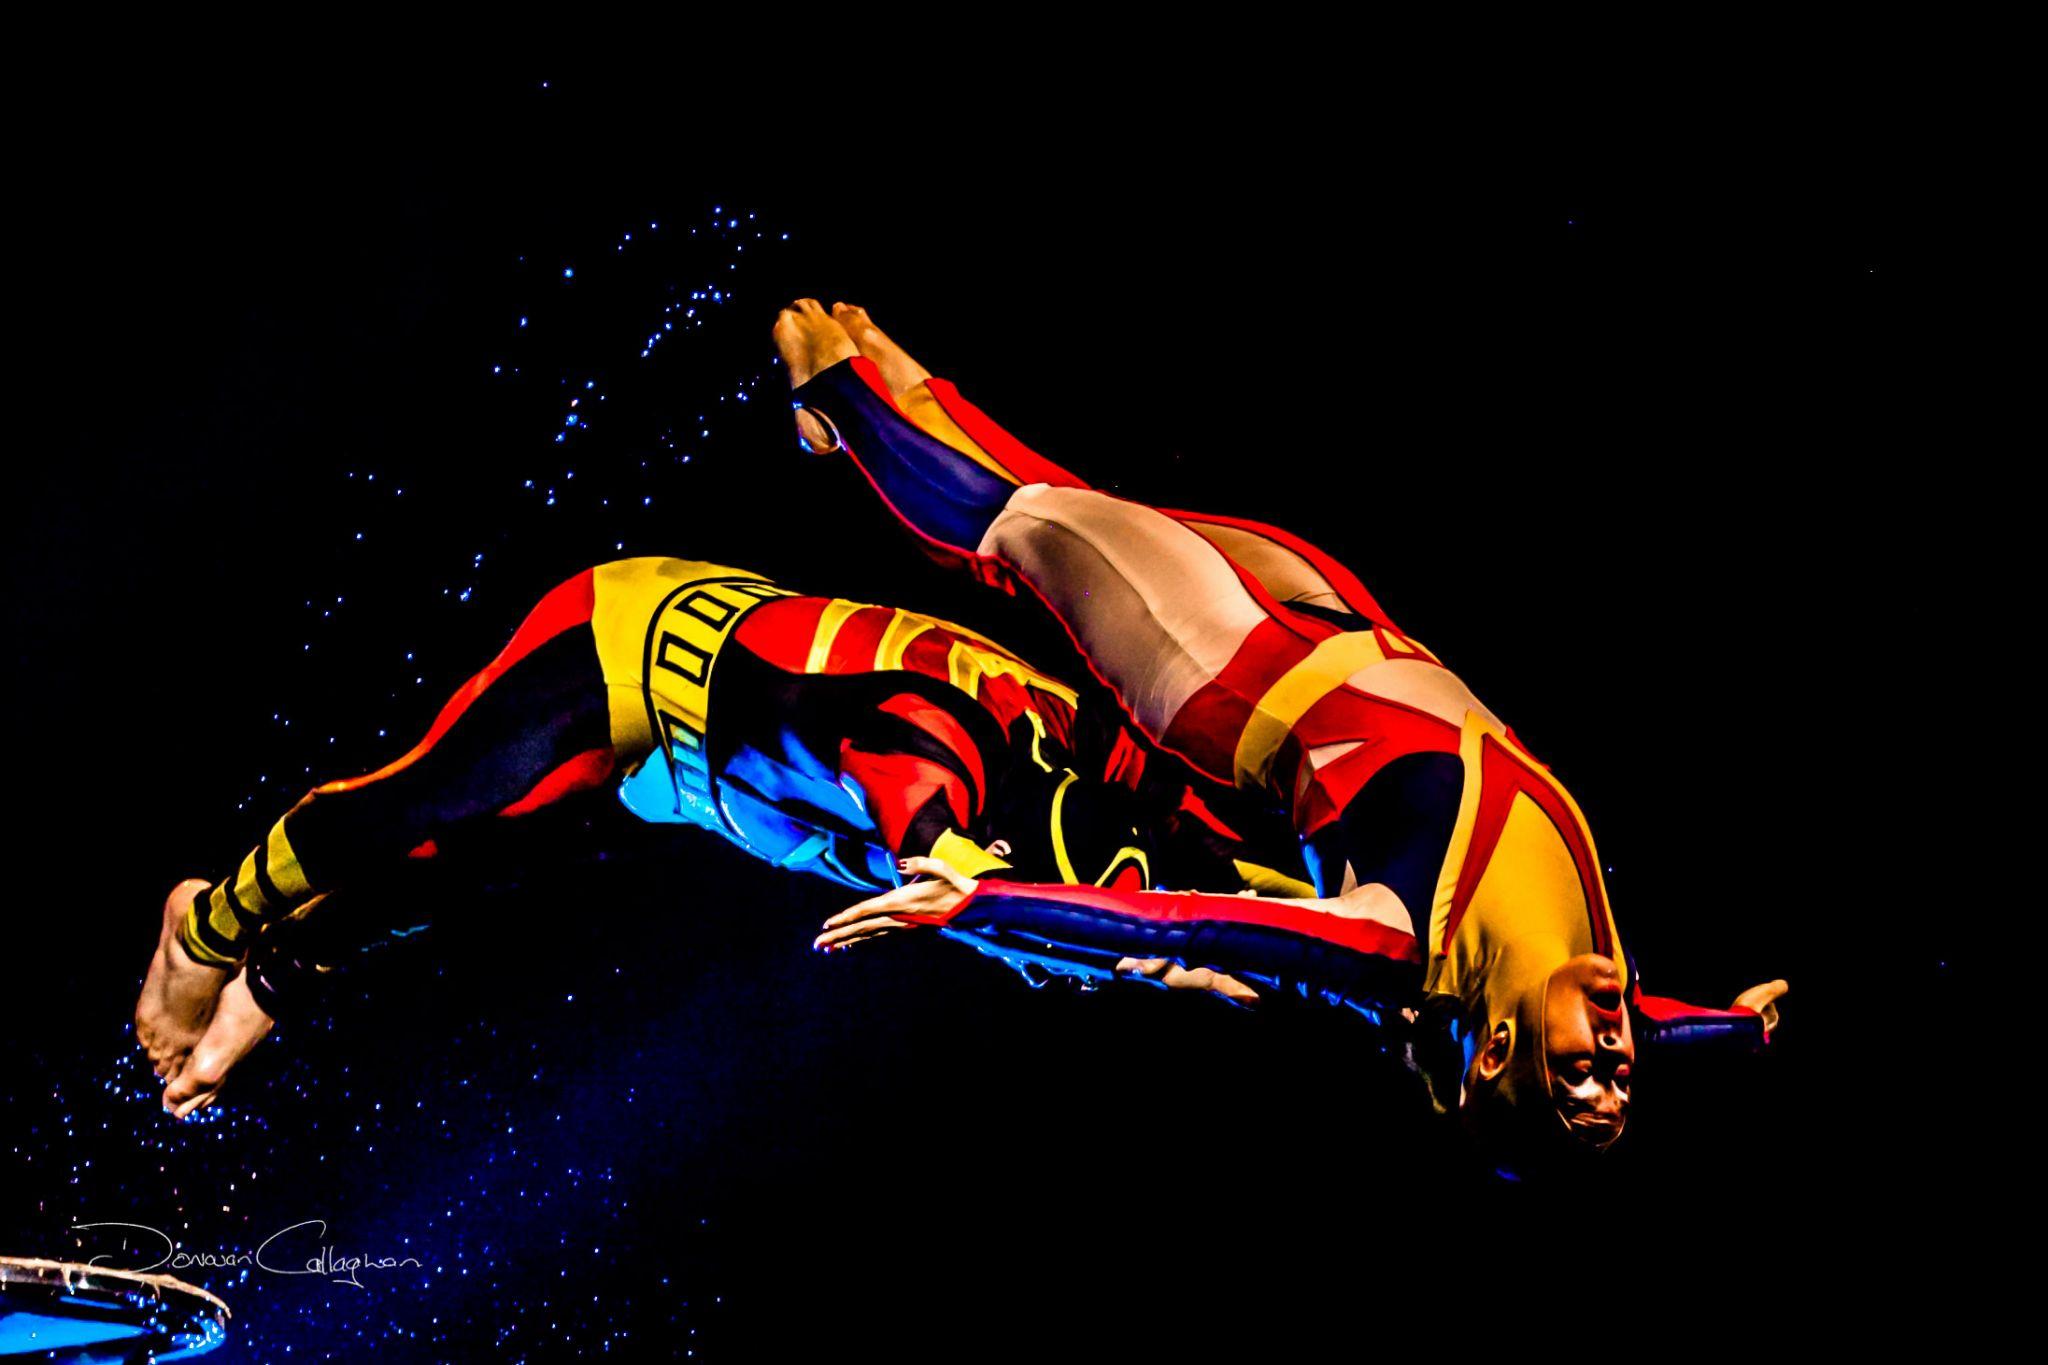 Guangzhou Circus Acrobat, China